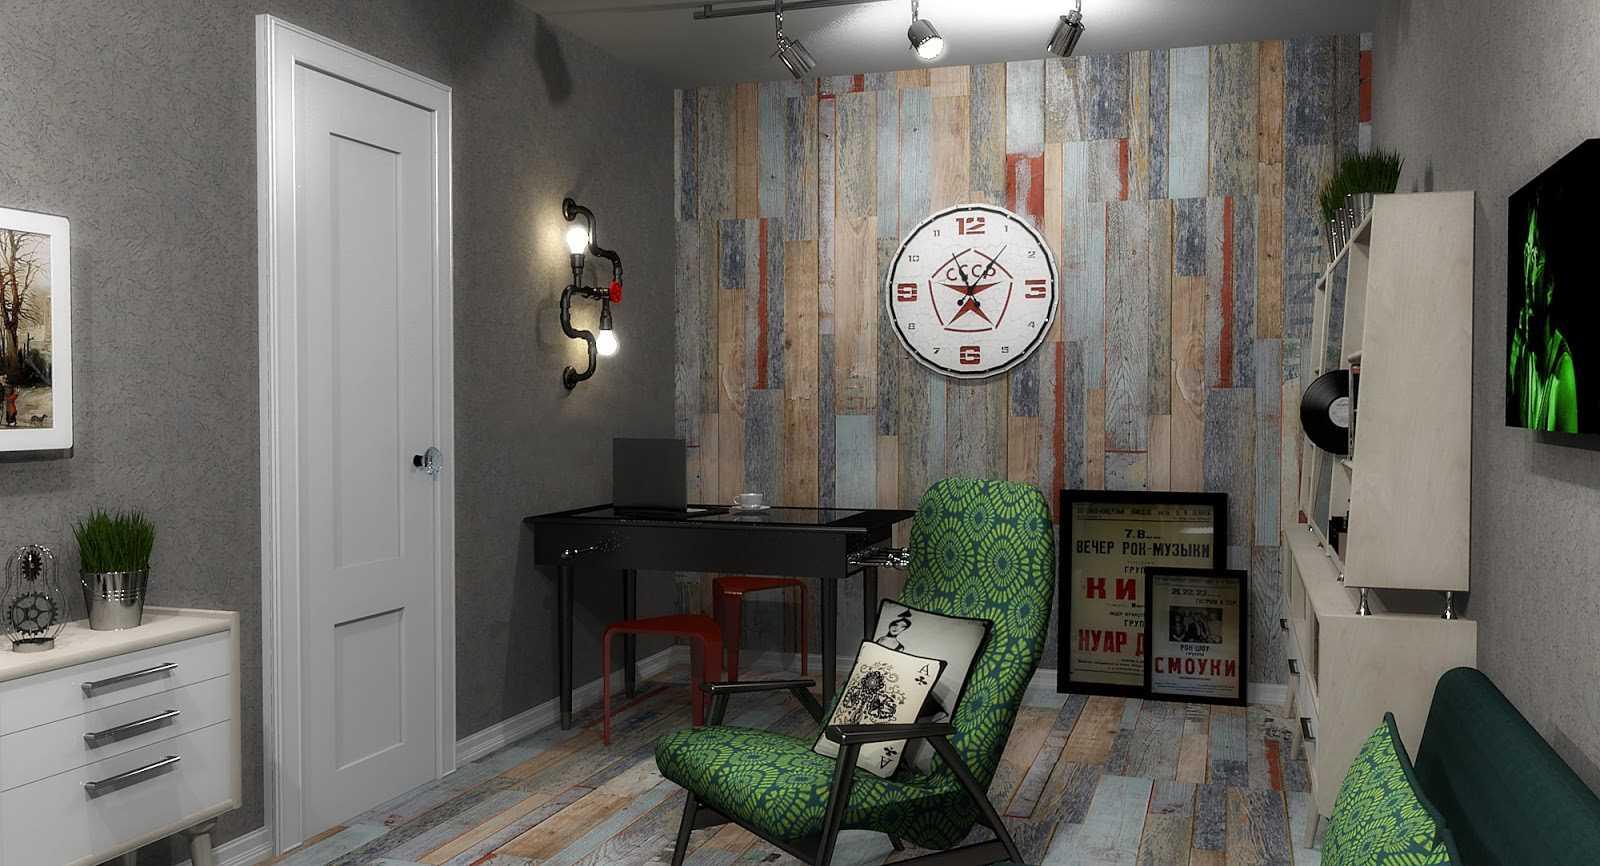 ideja par gaišu interjera istabu padomju stilā